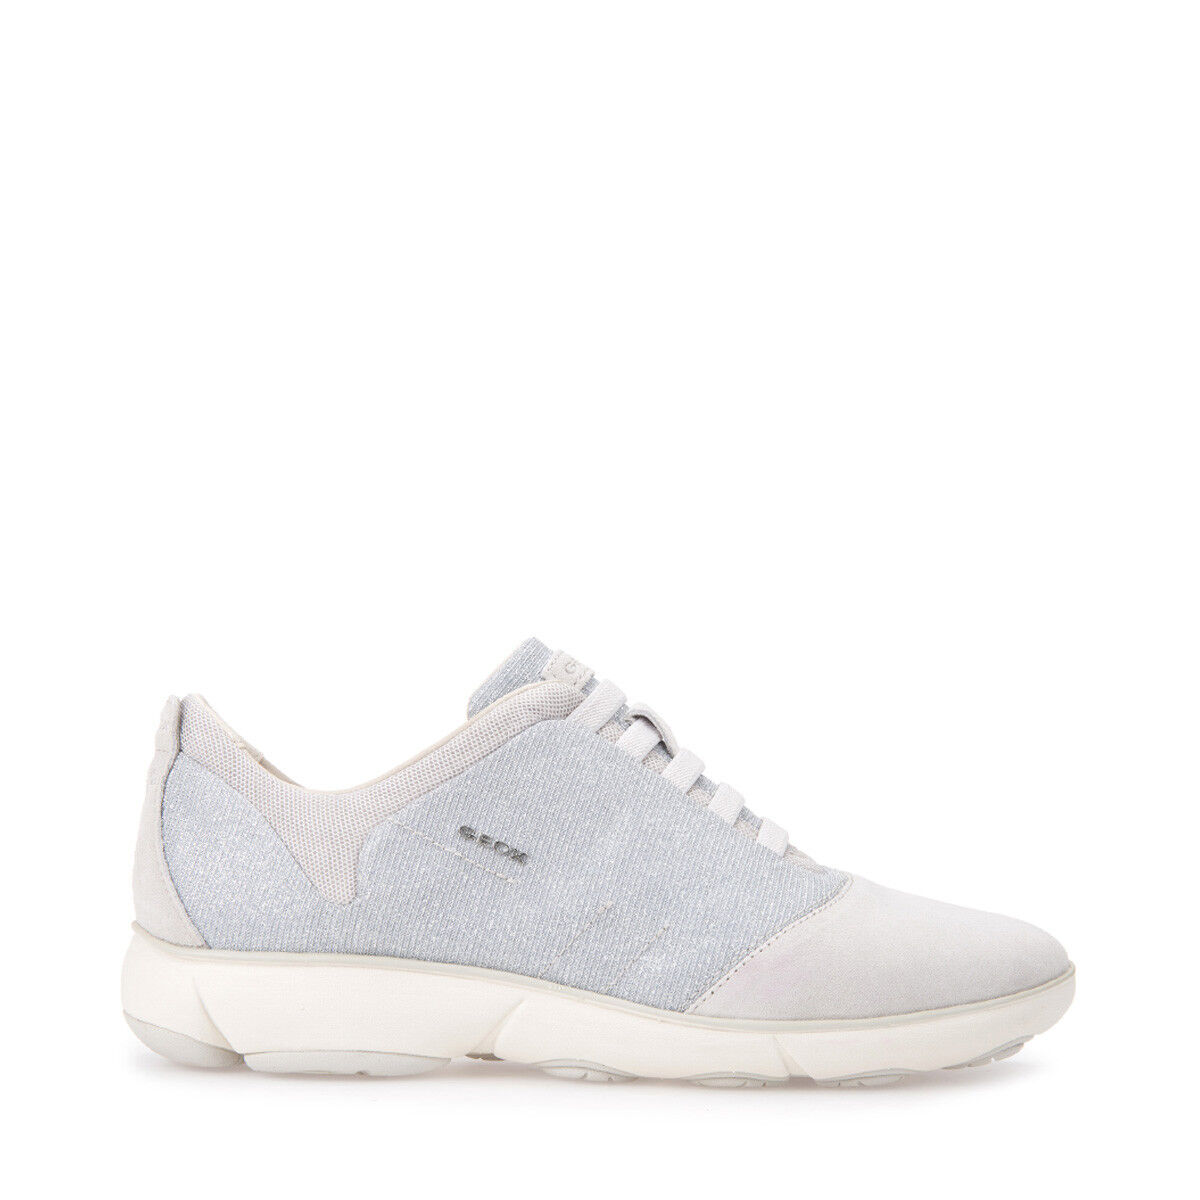 GEOX Chaussures pour femmes NEBULA D641EG baskets slip-on lire en toile et daim